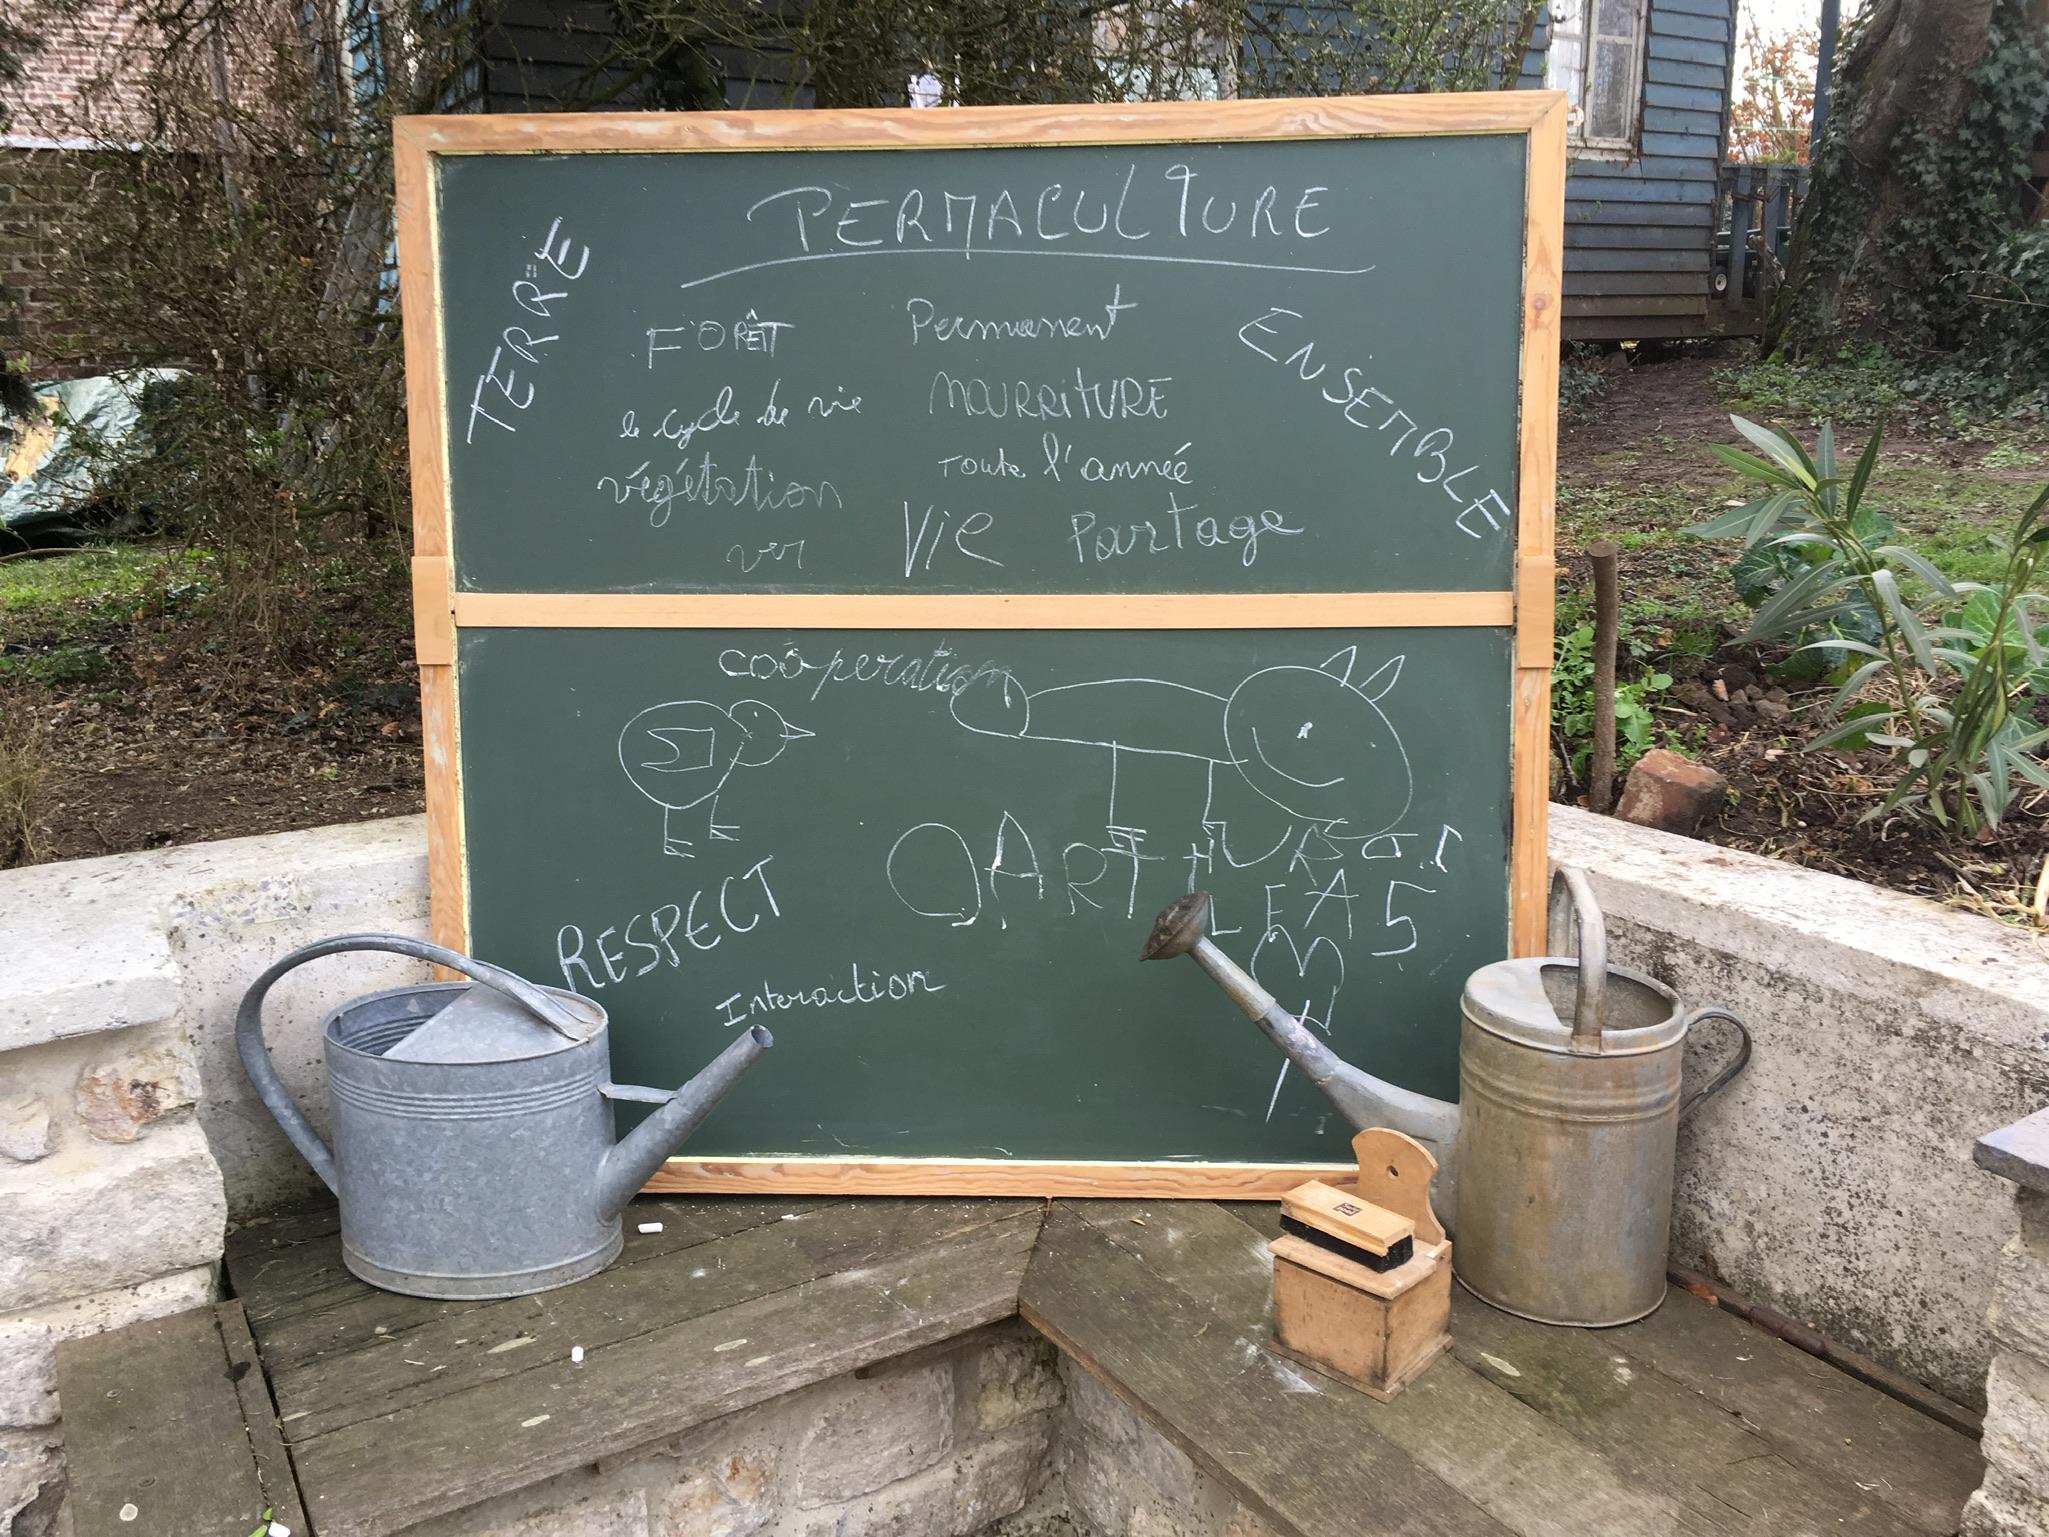 La permaculture un jeu d'enfants et de grands!